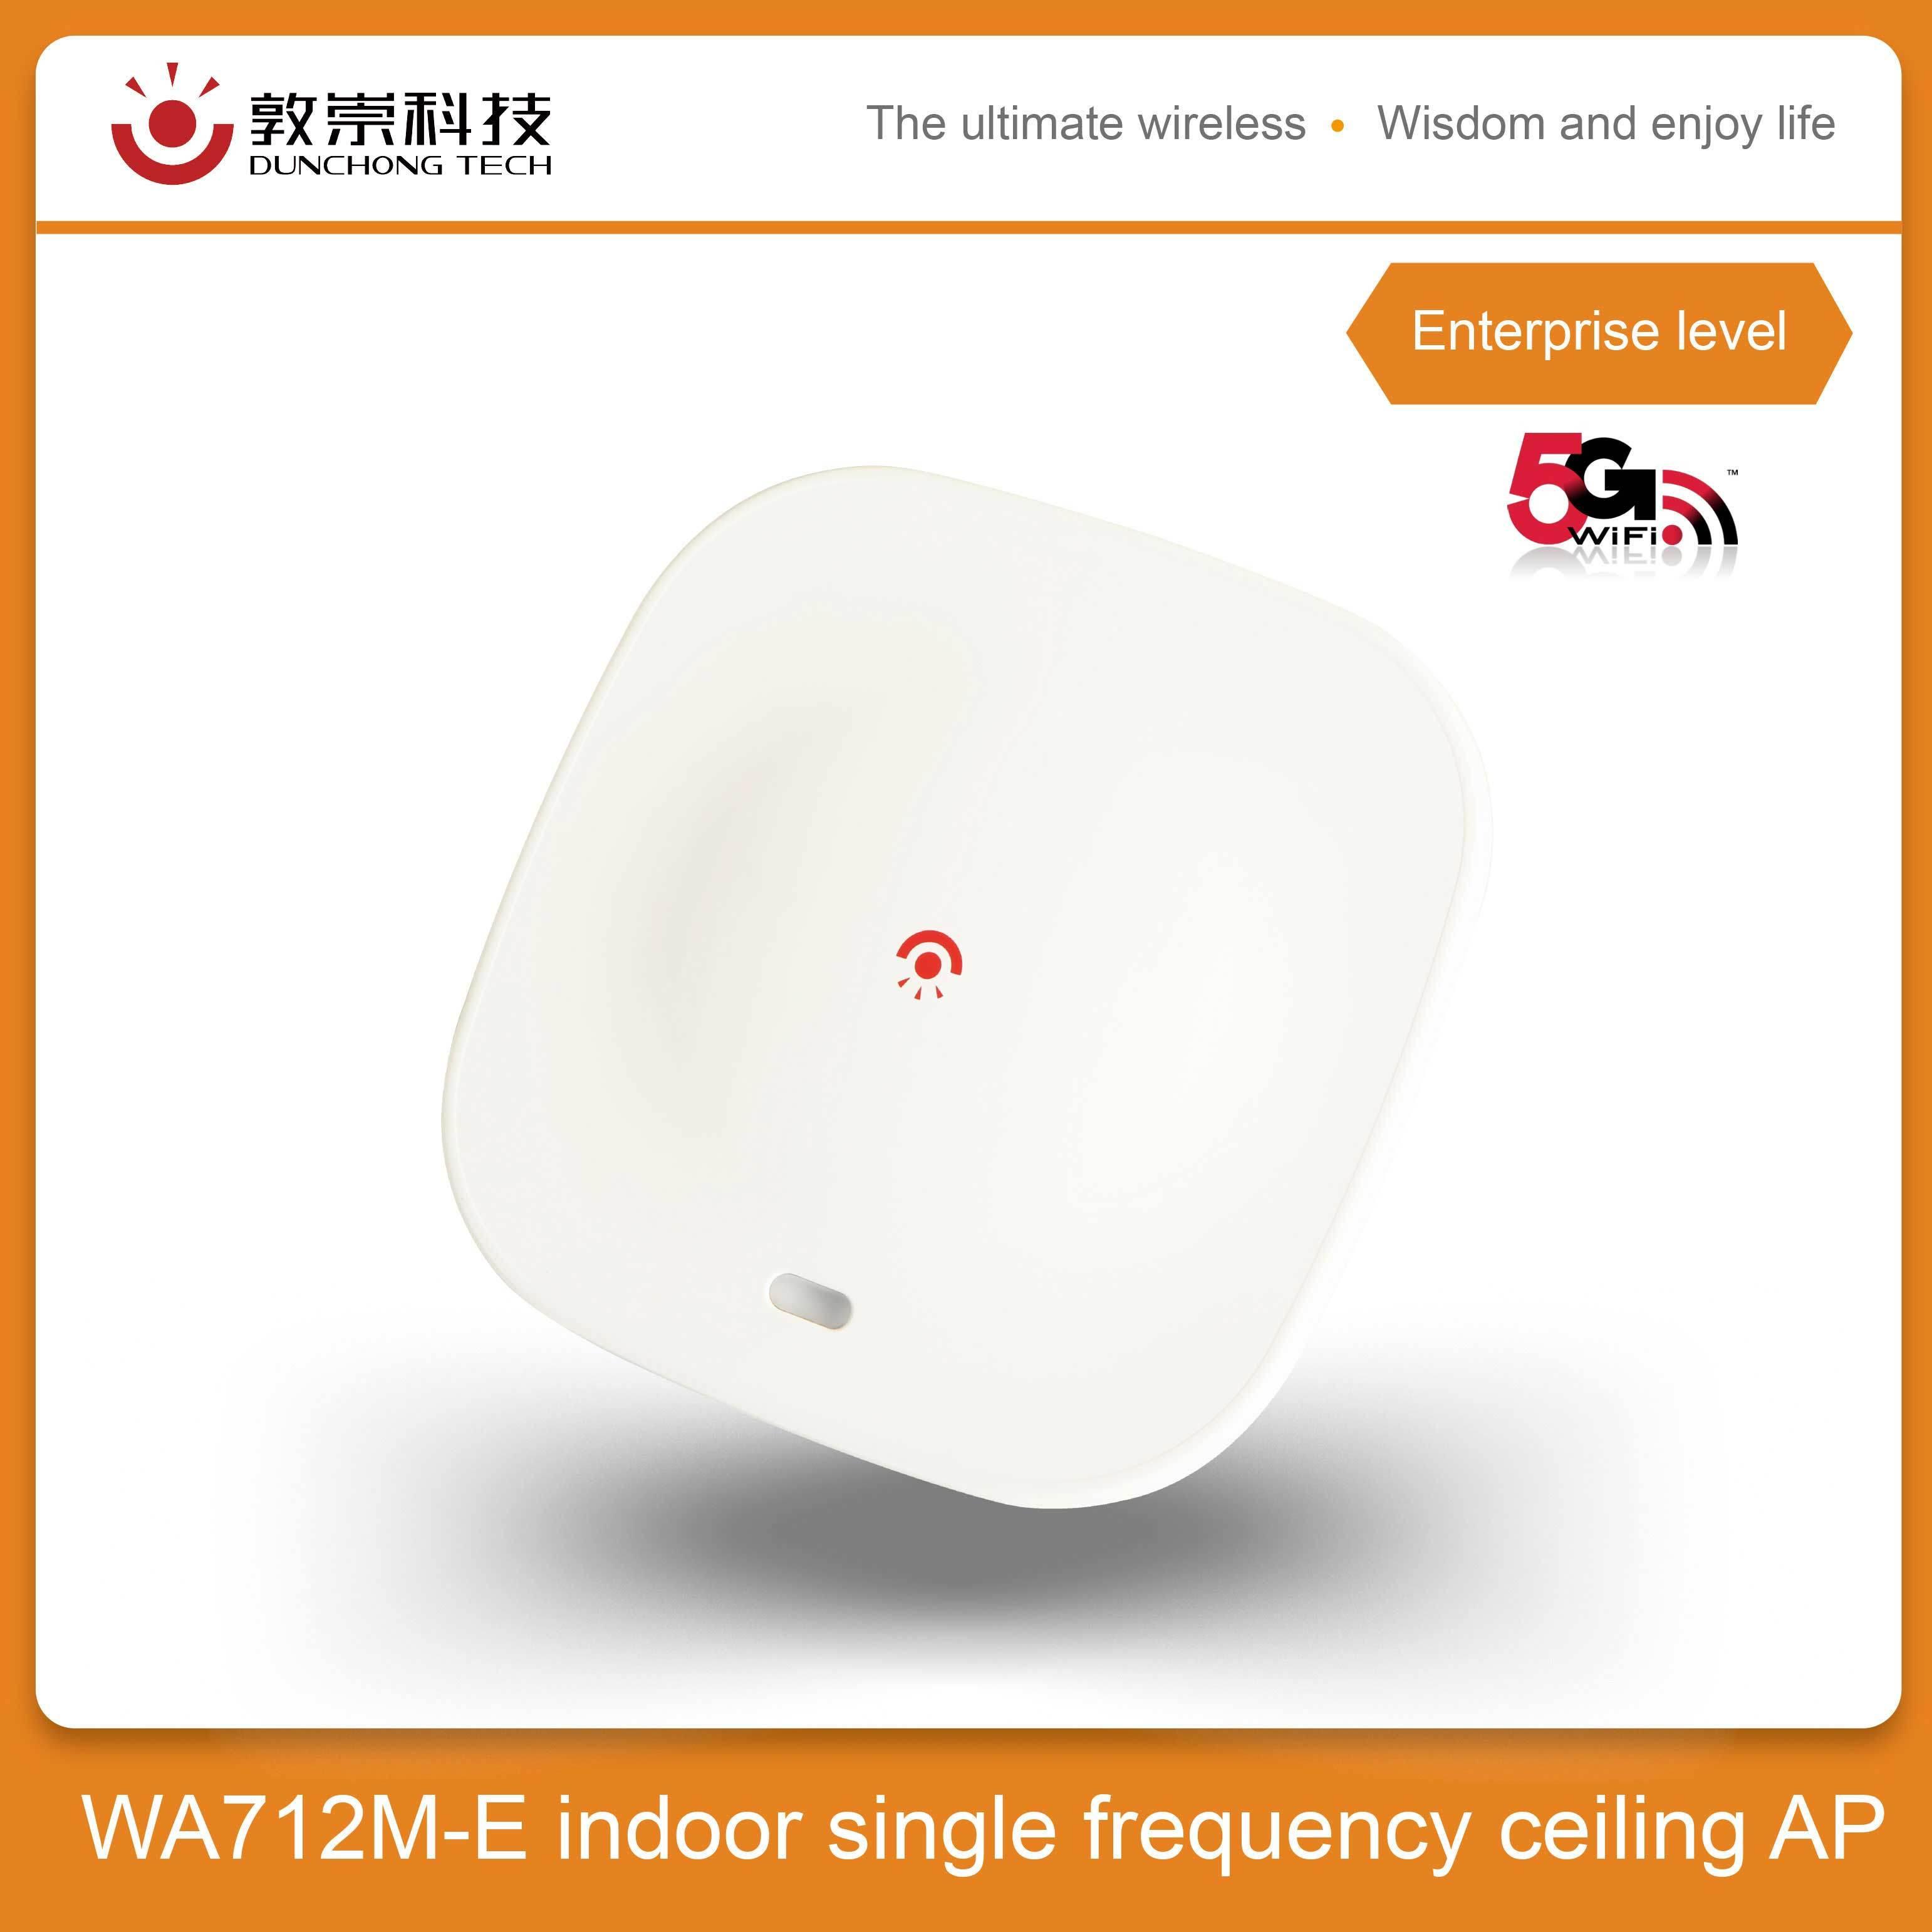 [Hot Item] [DUNCHONG]Industrial-2 4Ghz Ap/router Indoor WA712M Indoor long  range 5dbi antenna